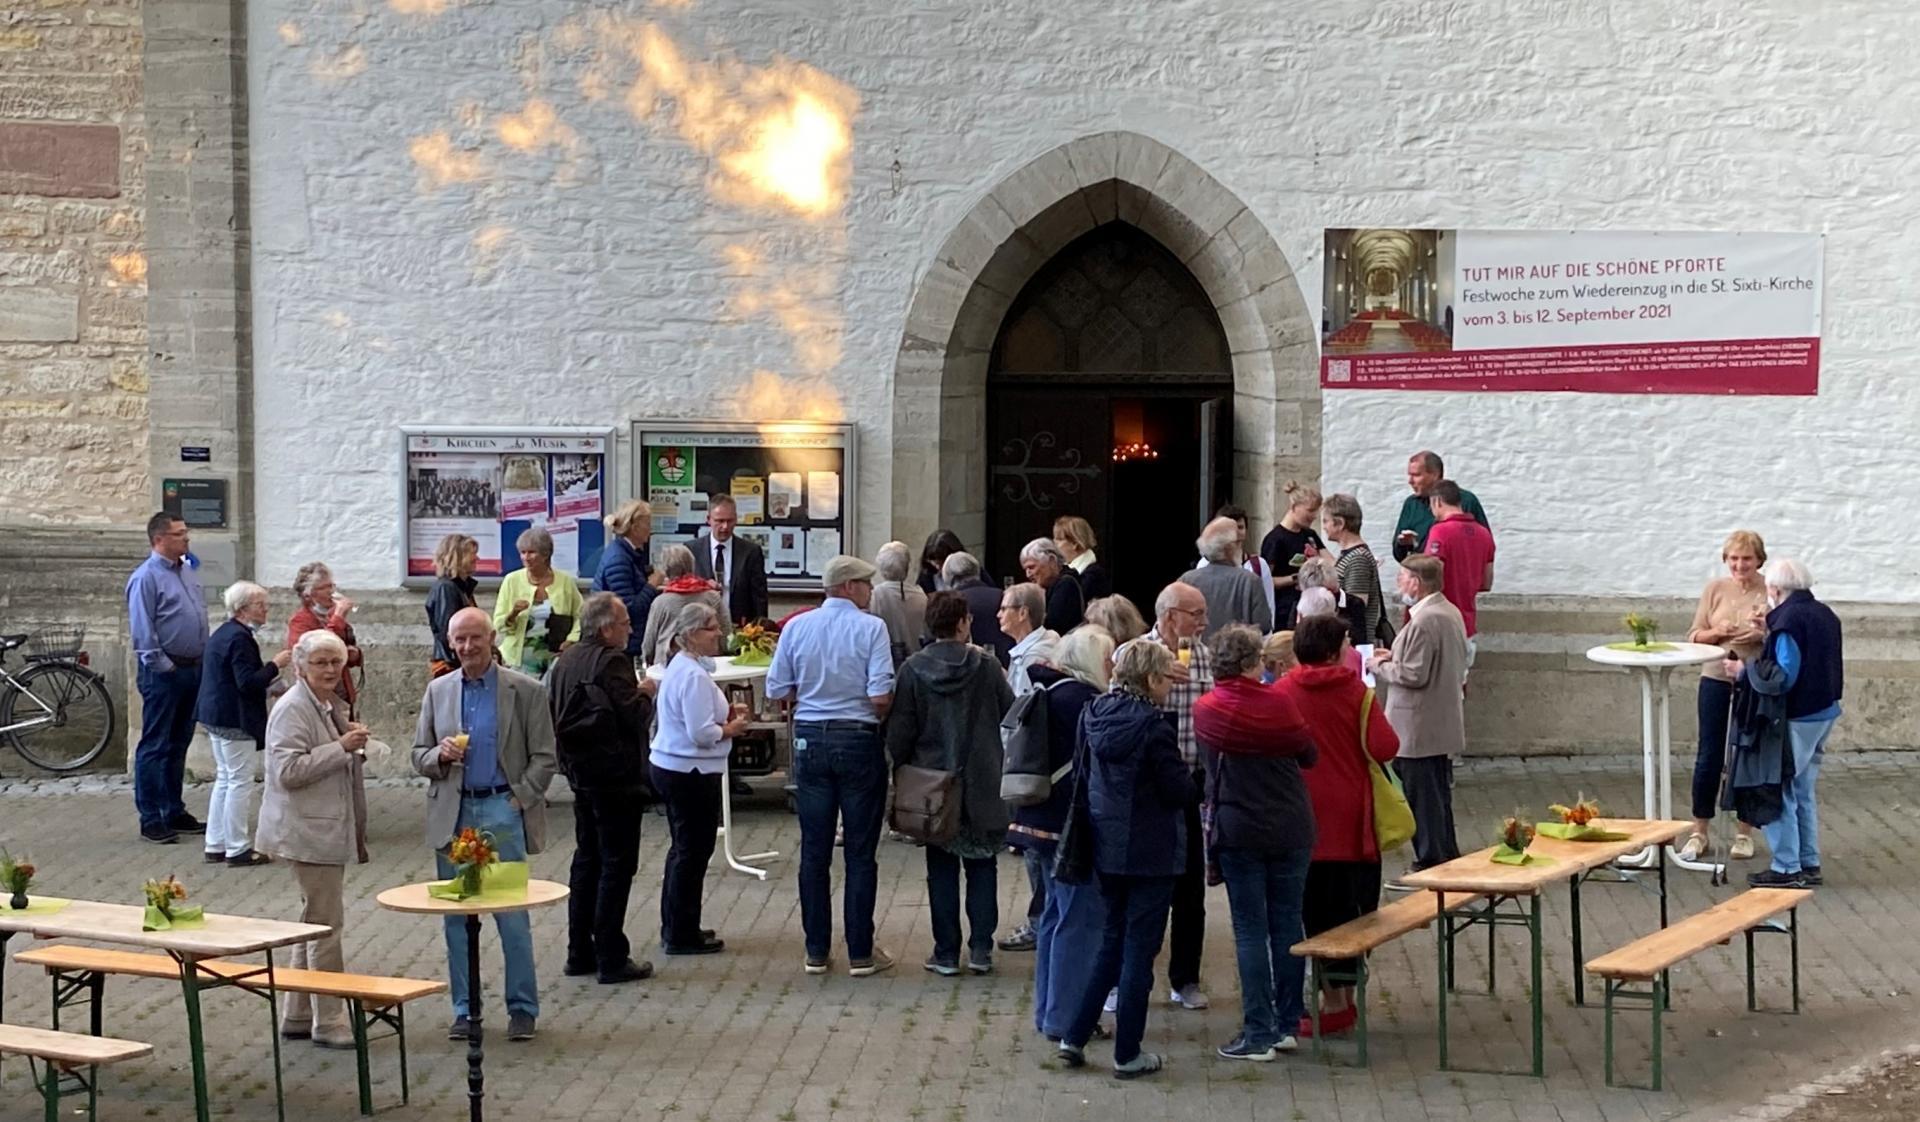 Am Abend des großen Tages mit zwei Gottesdiensten small talk auf dem beliebten Kirchvorplatz